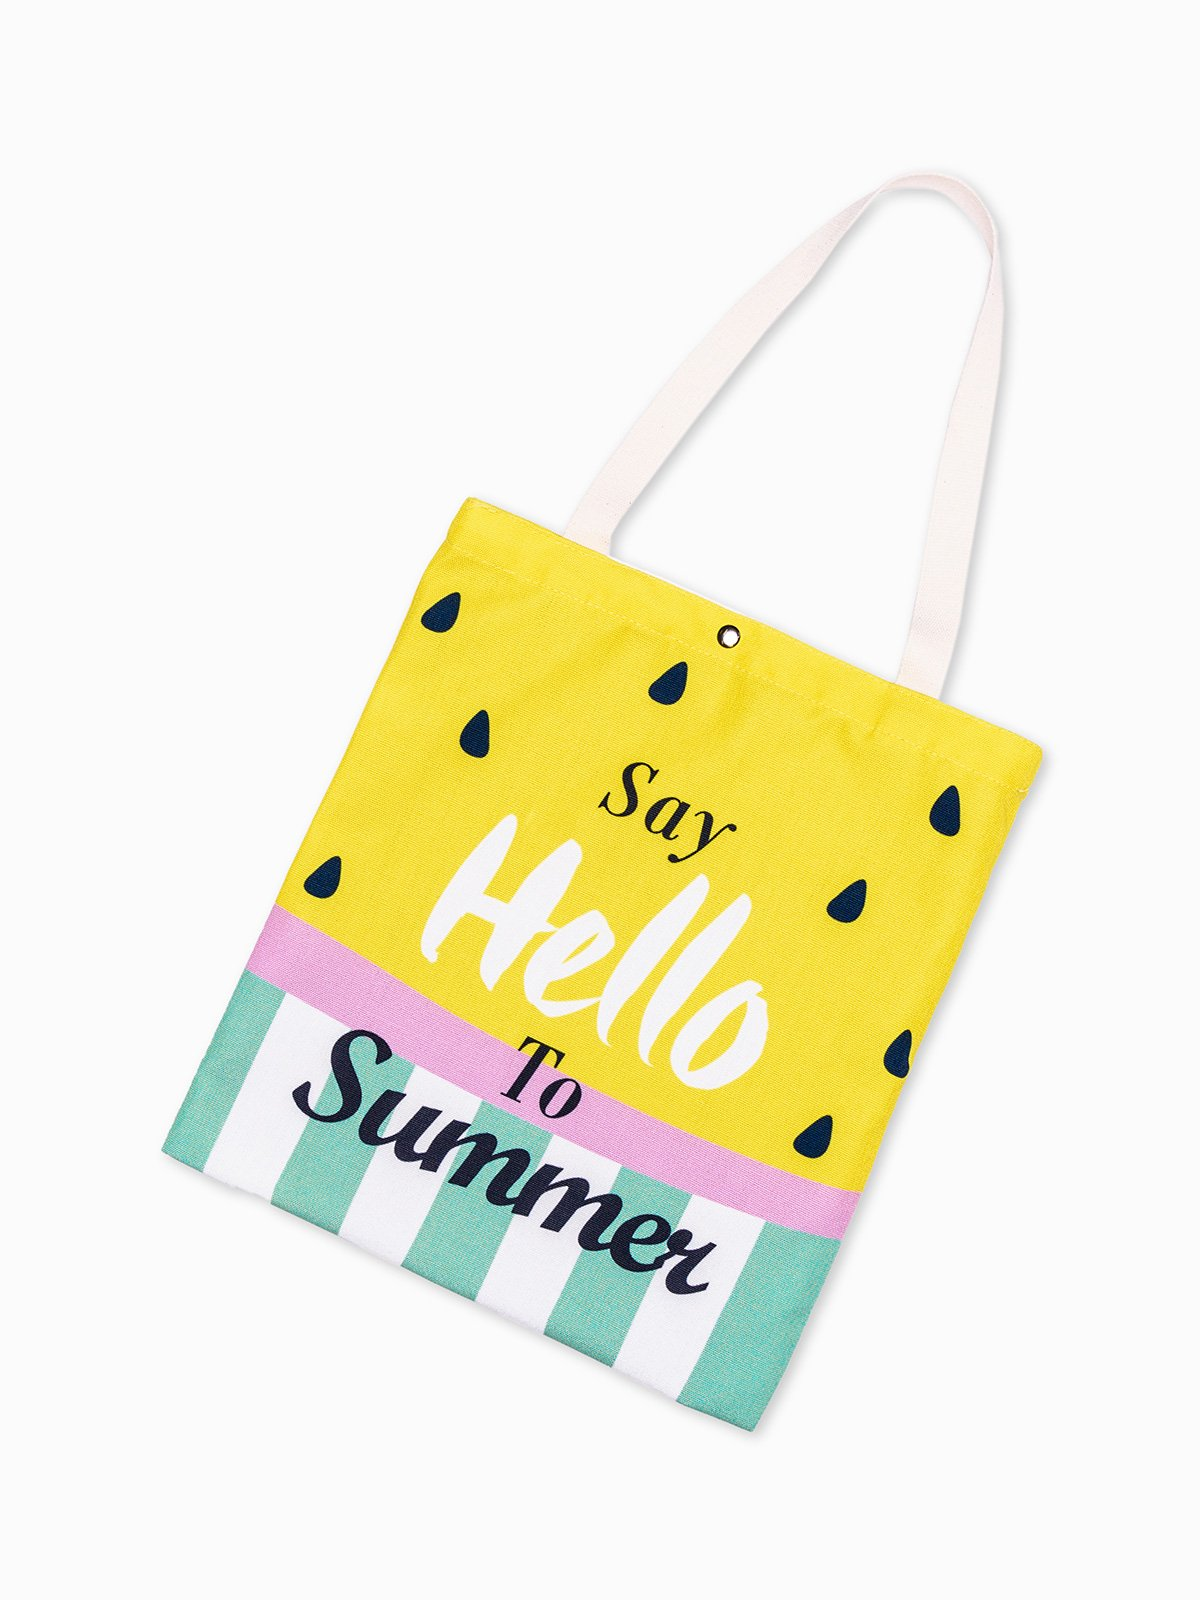 b7777c467e9ea Kliknij, aby powiększyć; Torba materiałowa z nadrukiem say hello to summer  168BLR - żółta Kliknij, aby powiększyć